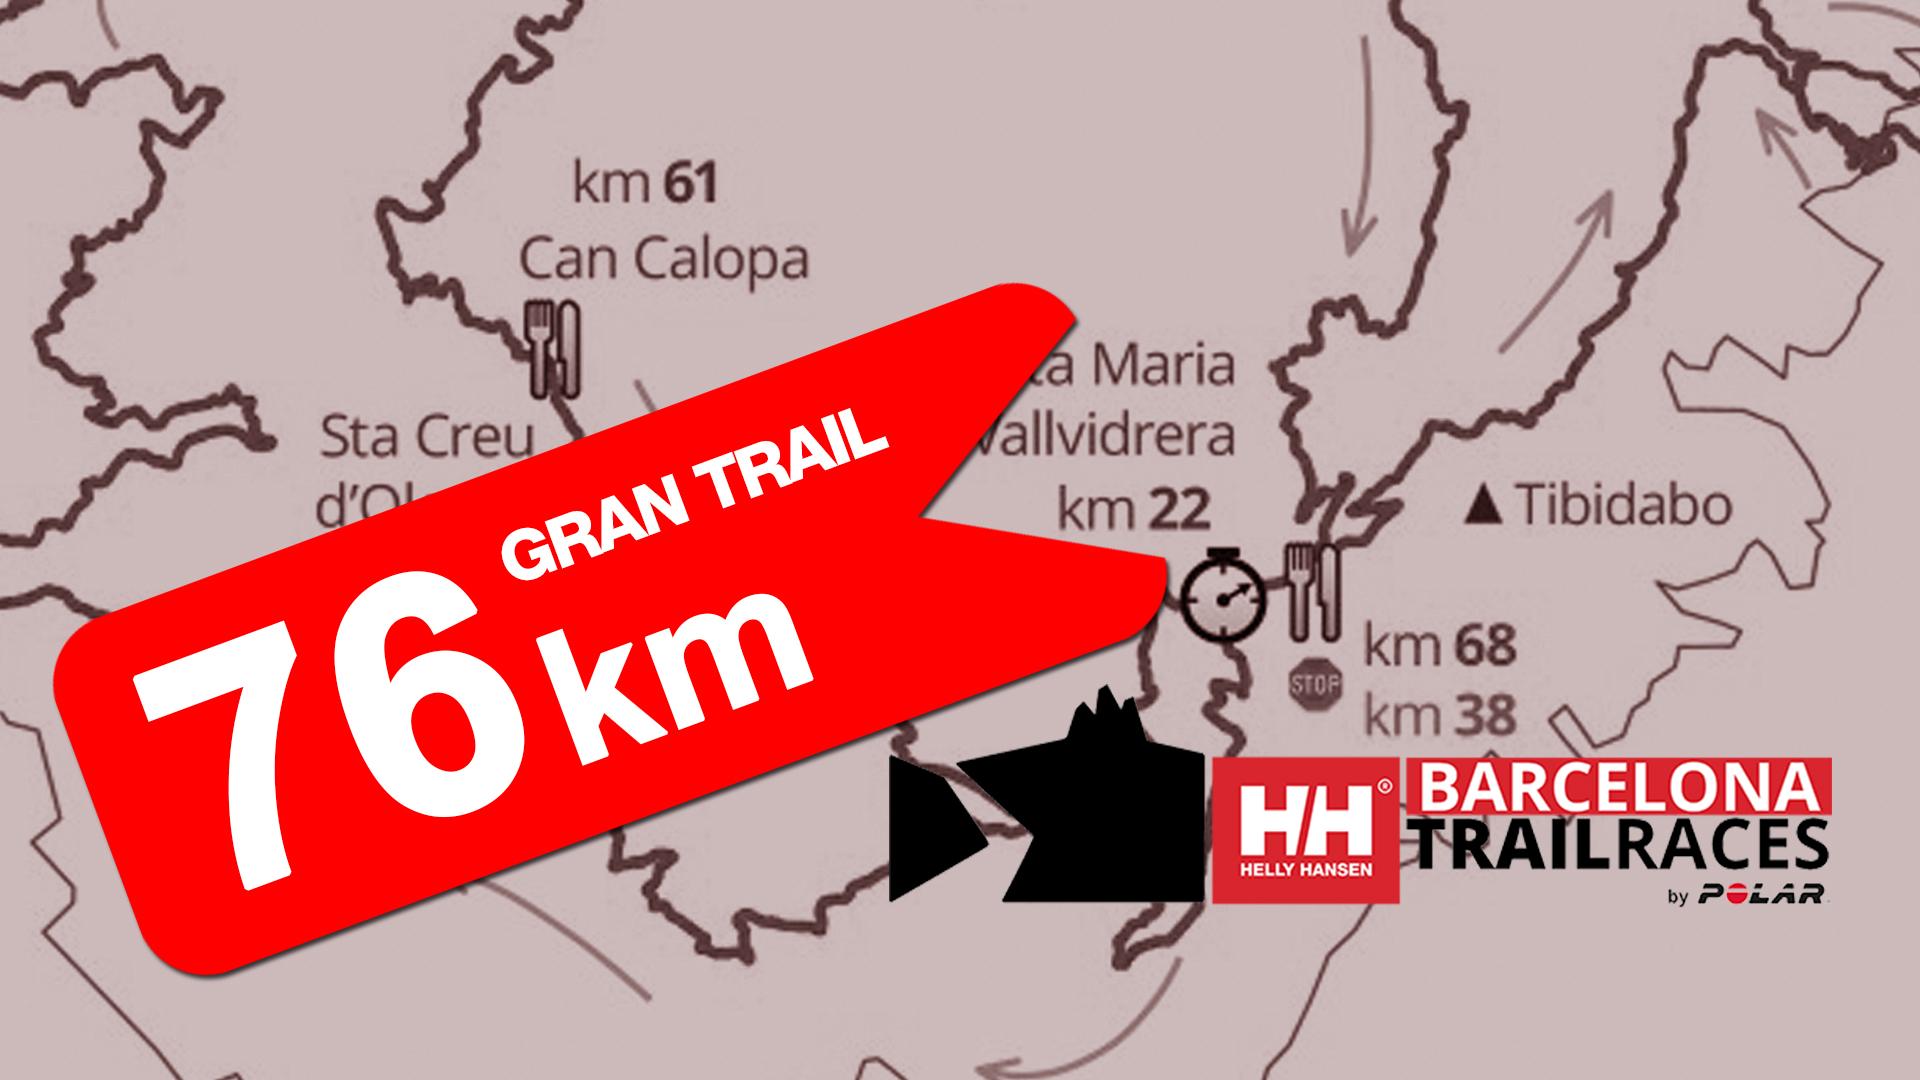 bcn-trail-races-recorrido-gran-trail